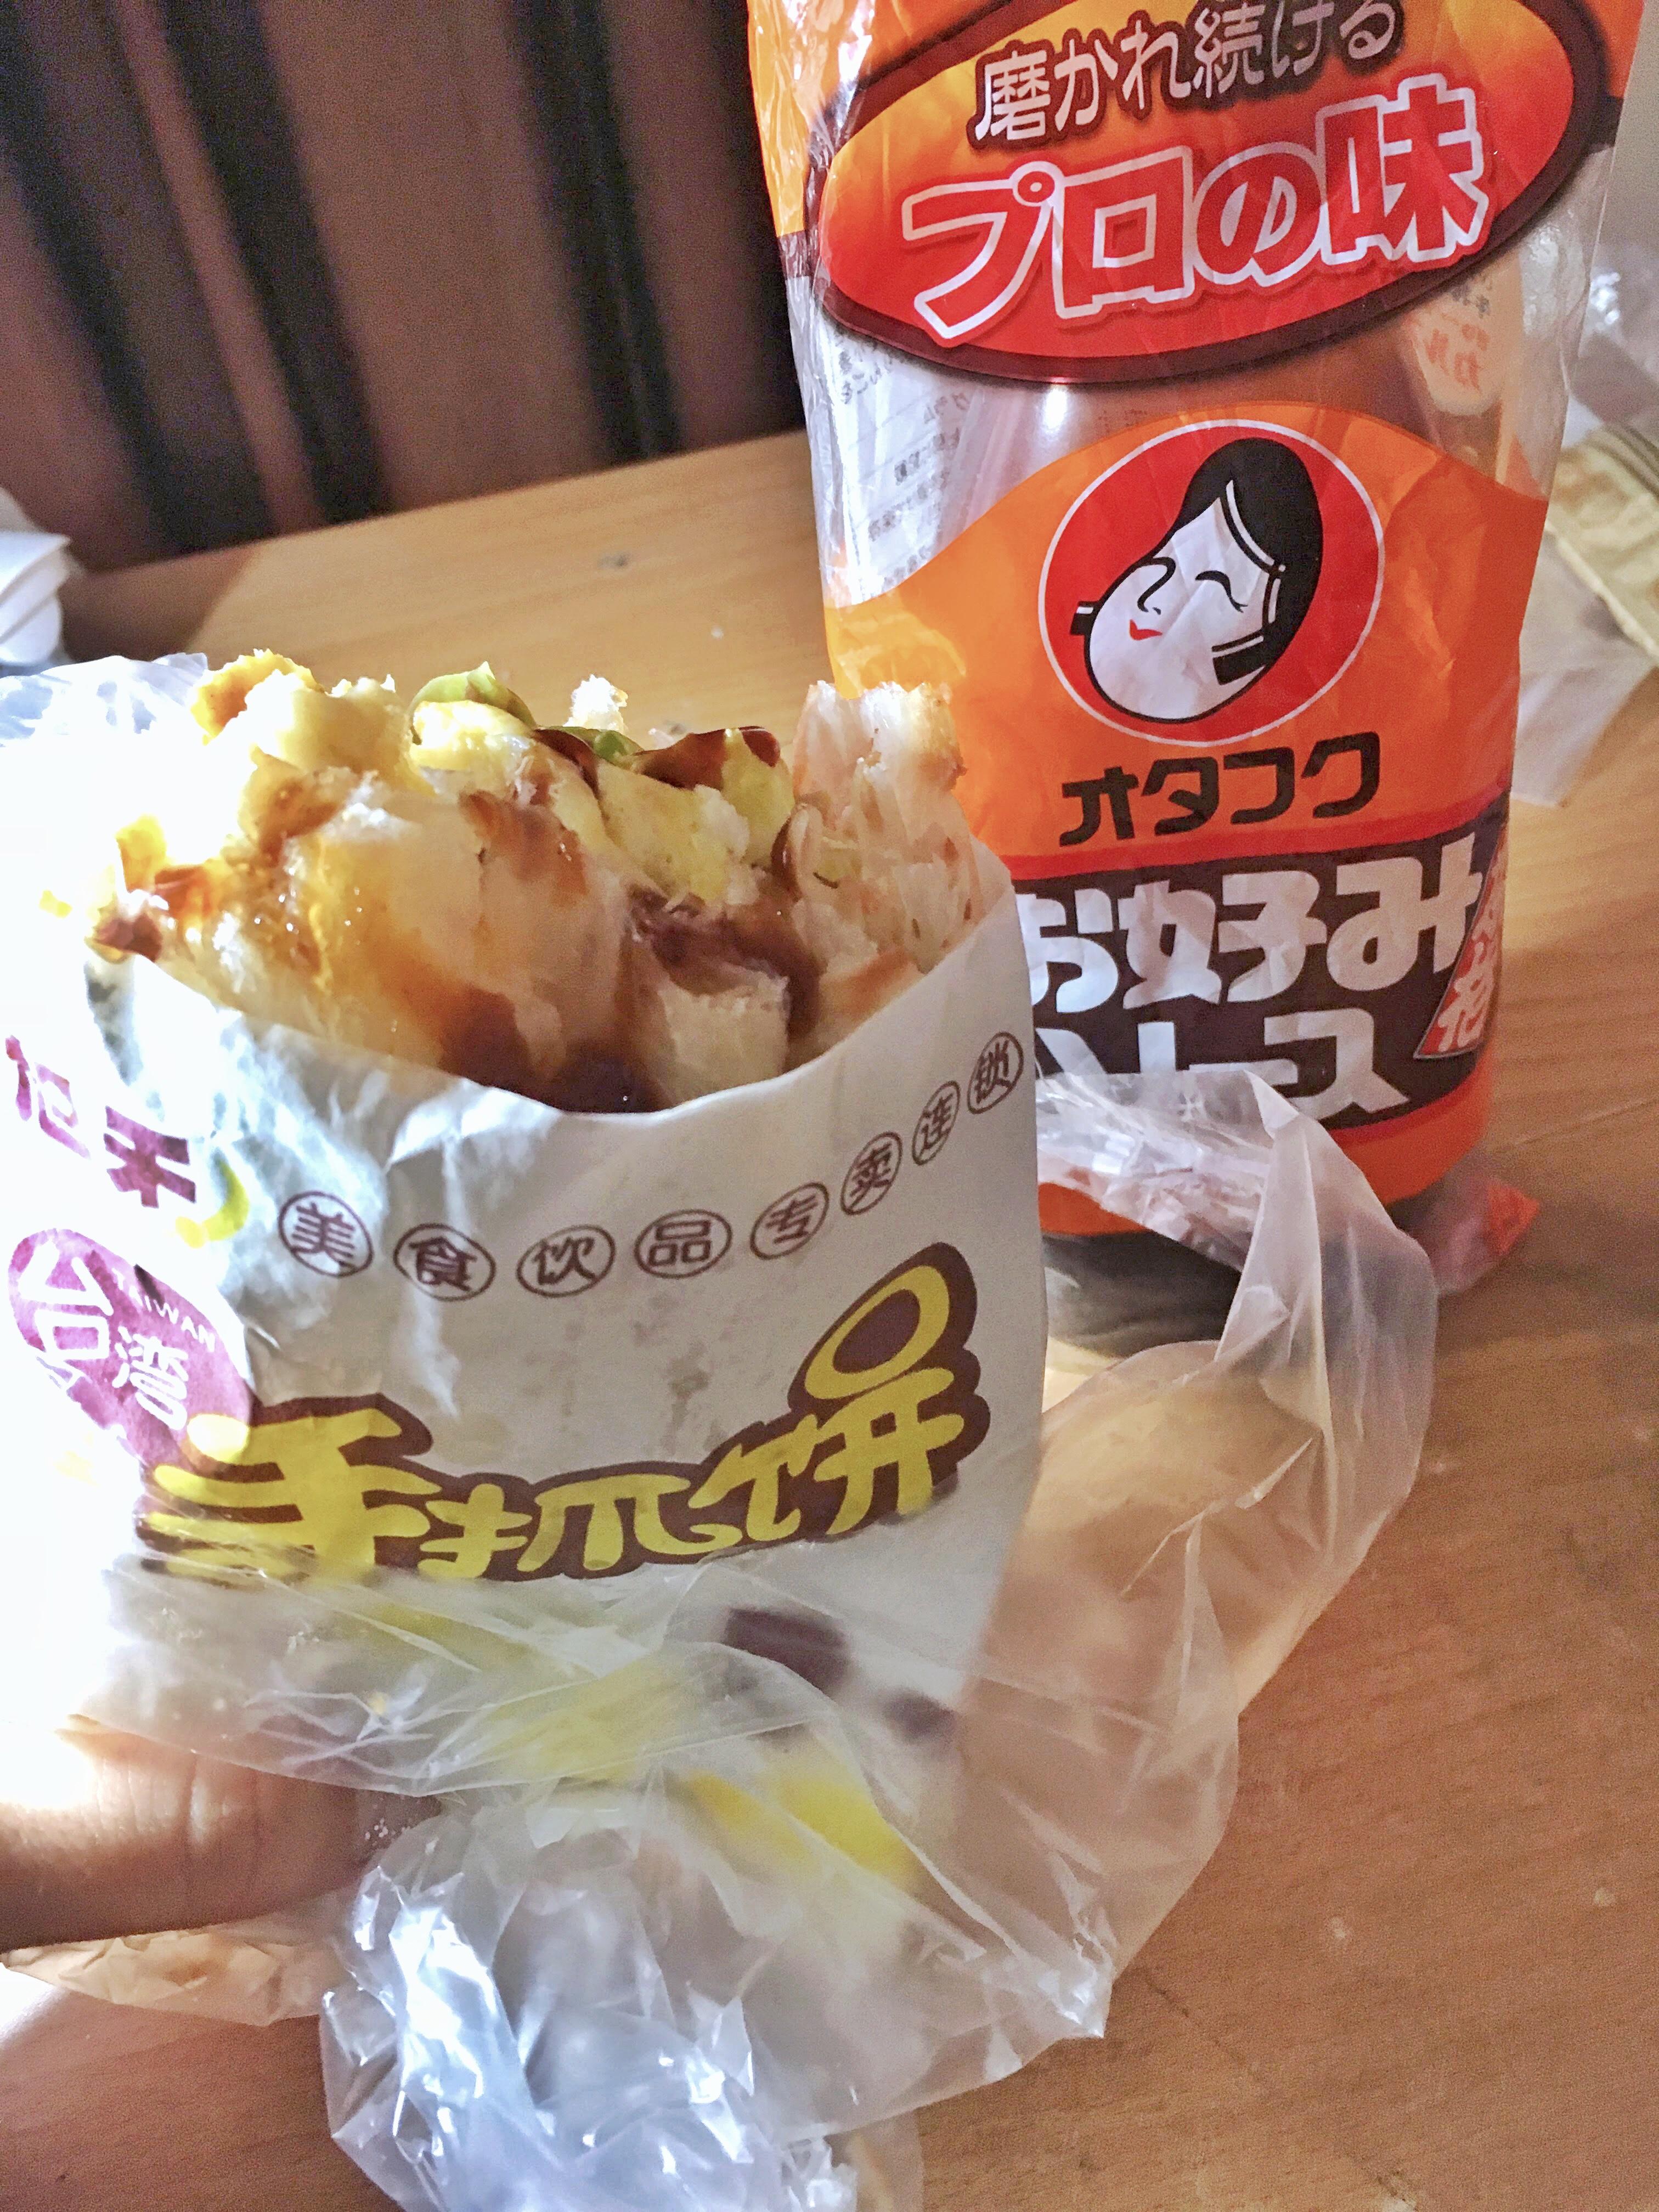 中国で食べた手抓饼